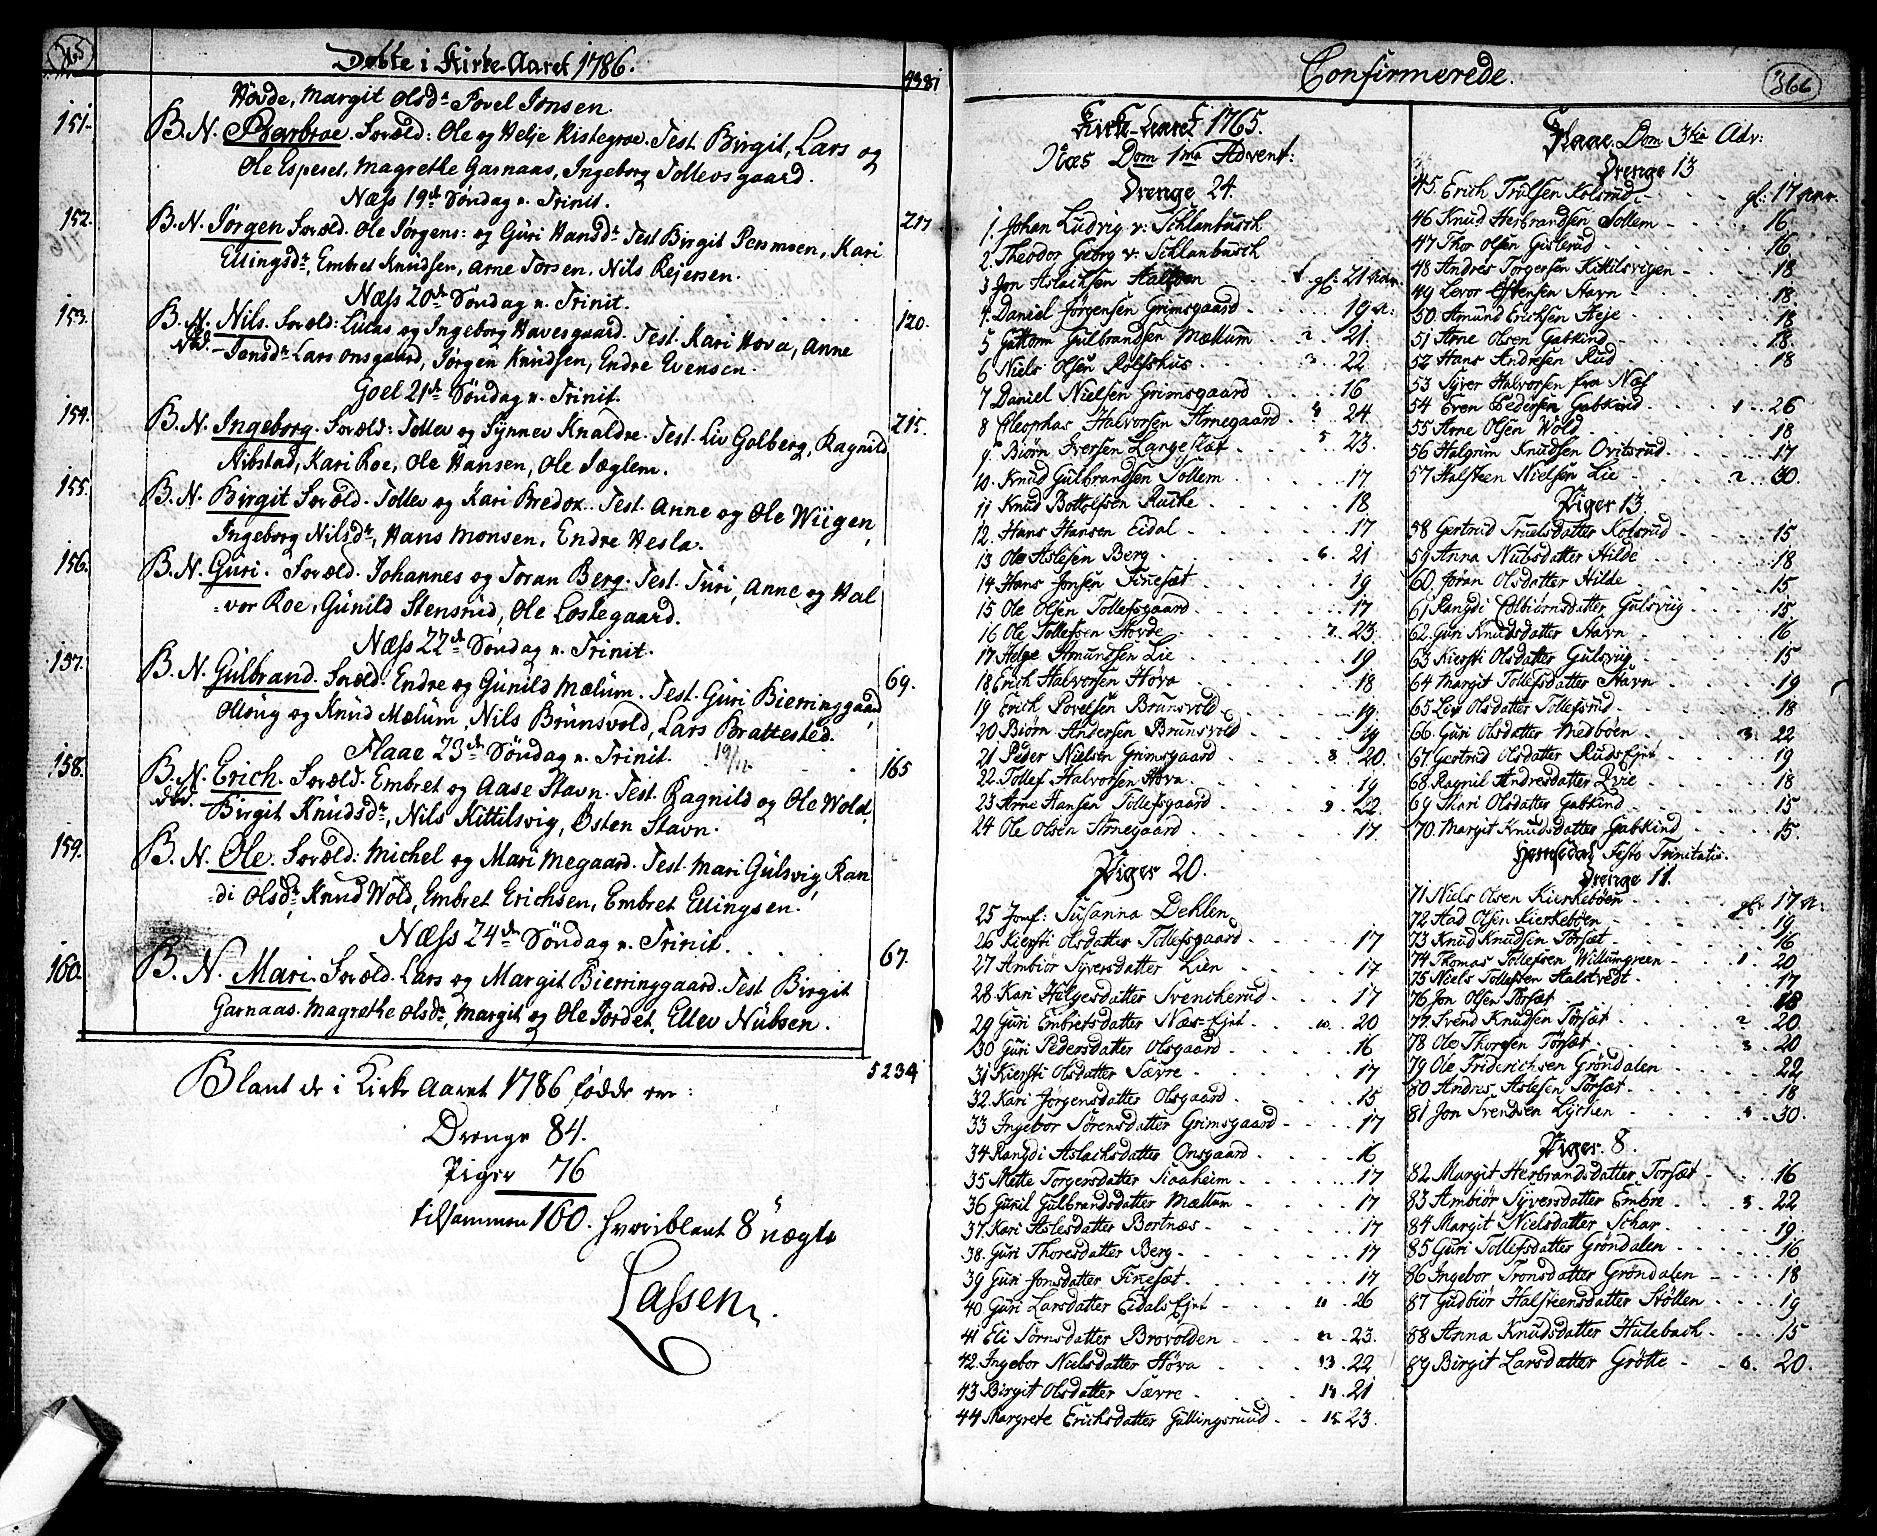 SAKO, Nes kirkebøker, F/Fa/L0004: Ministerialbok nr. 4, 1764-1786, s. 365-366